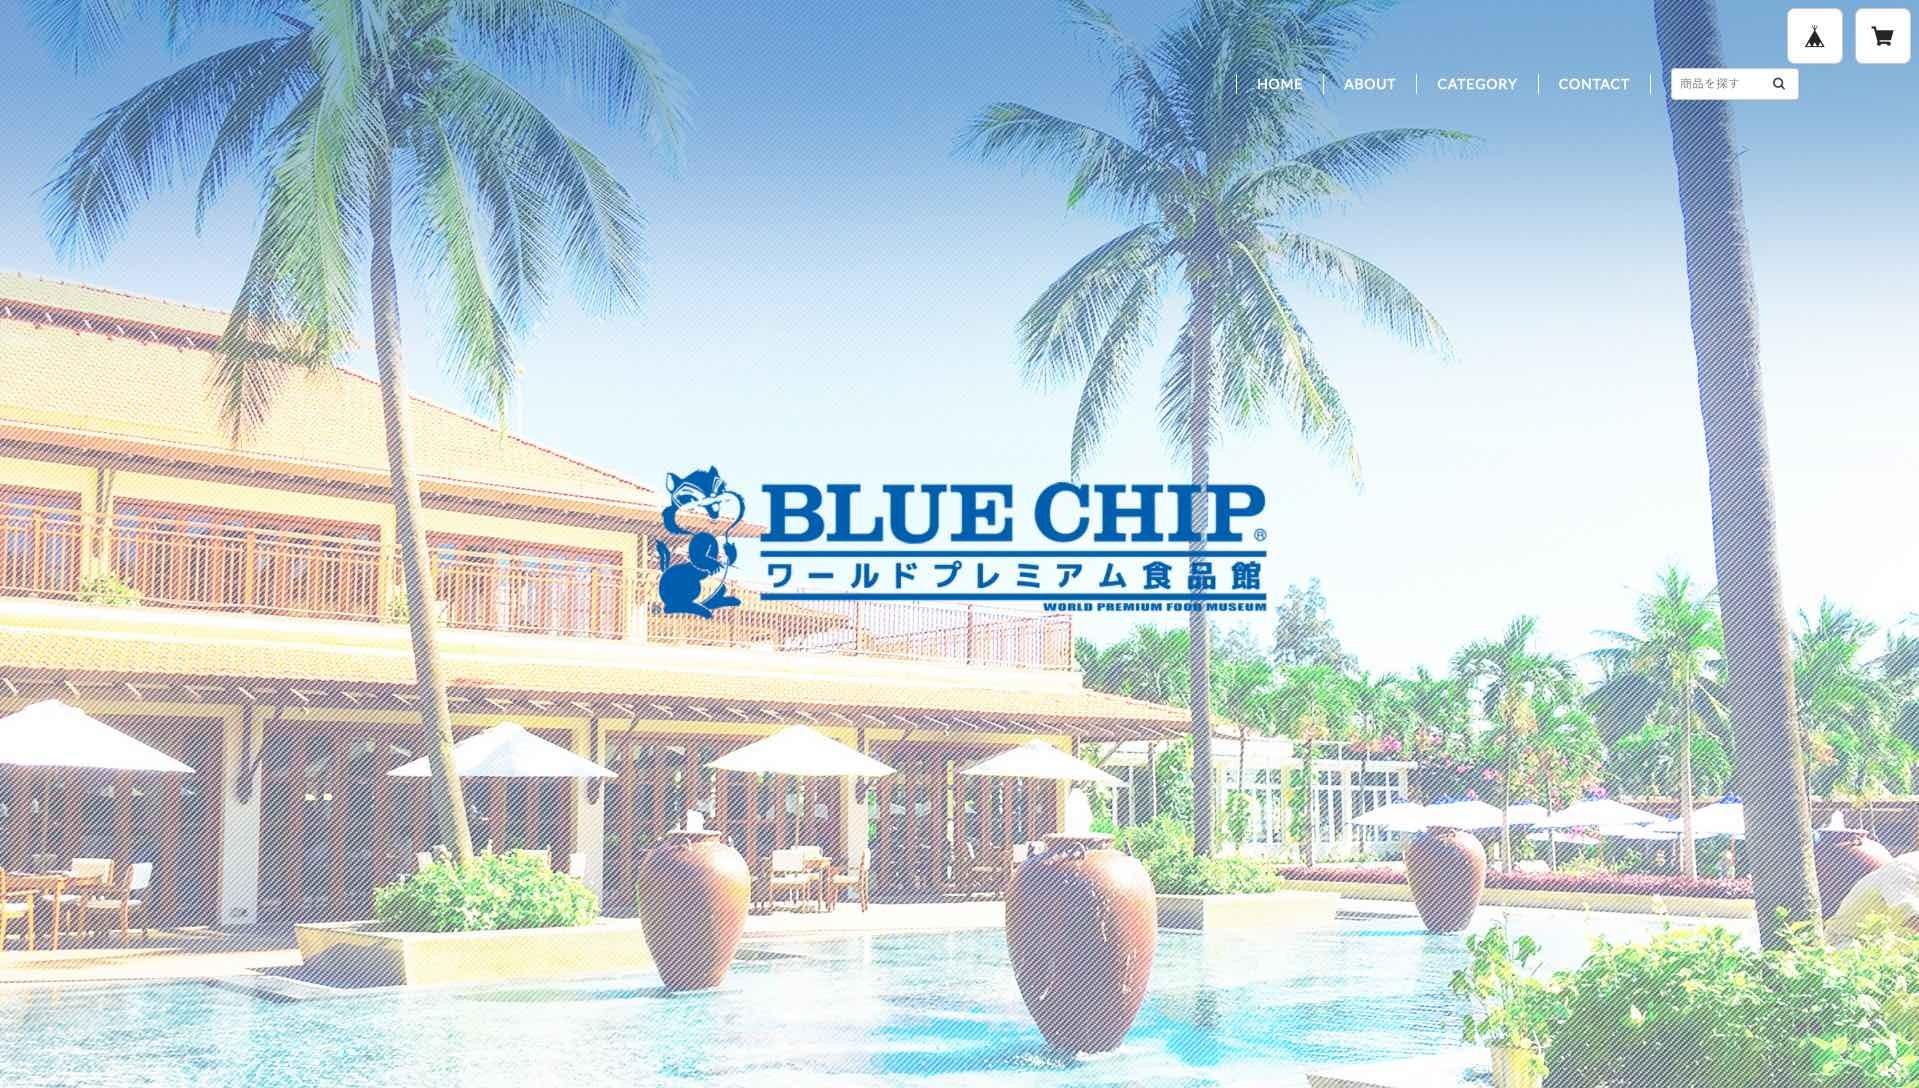 BLUE CHIP ワールドプレミアム食品館